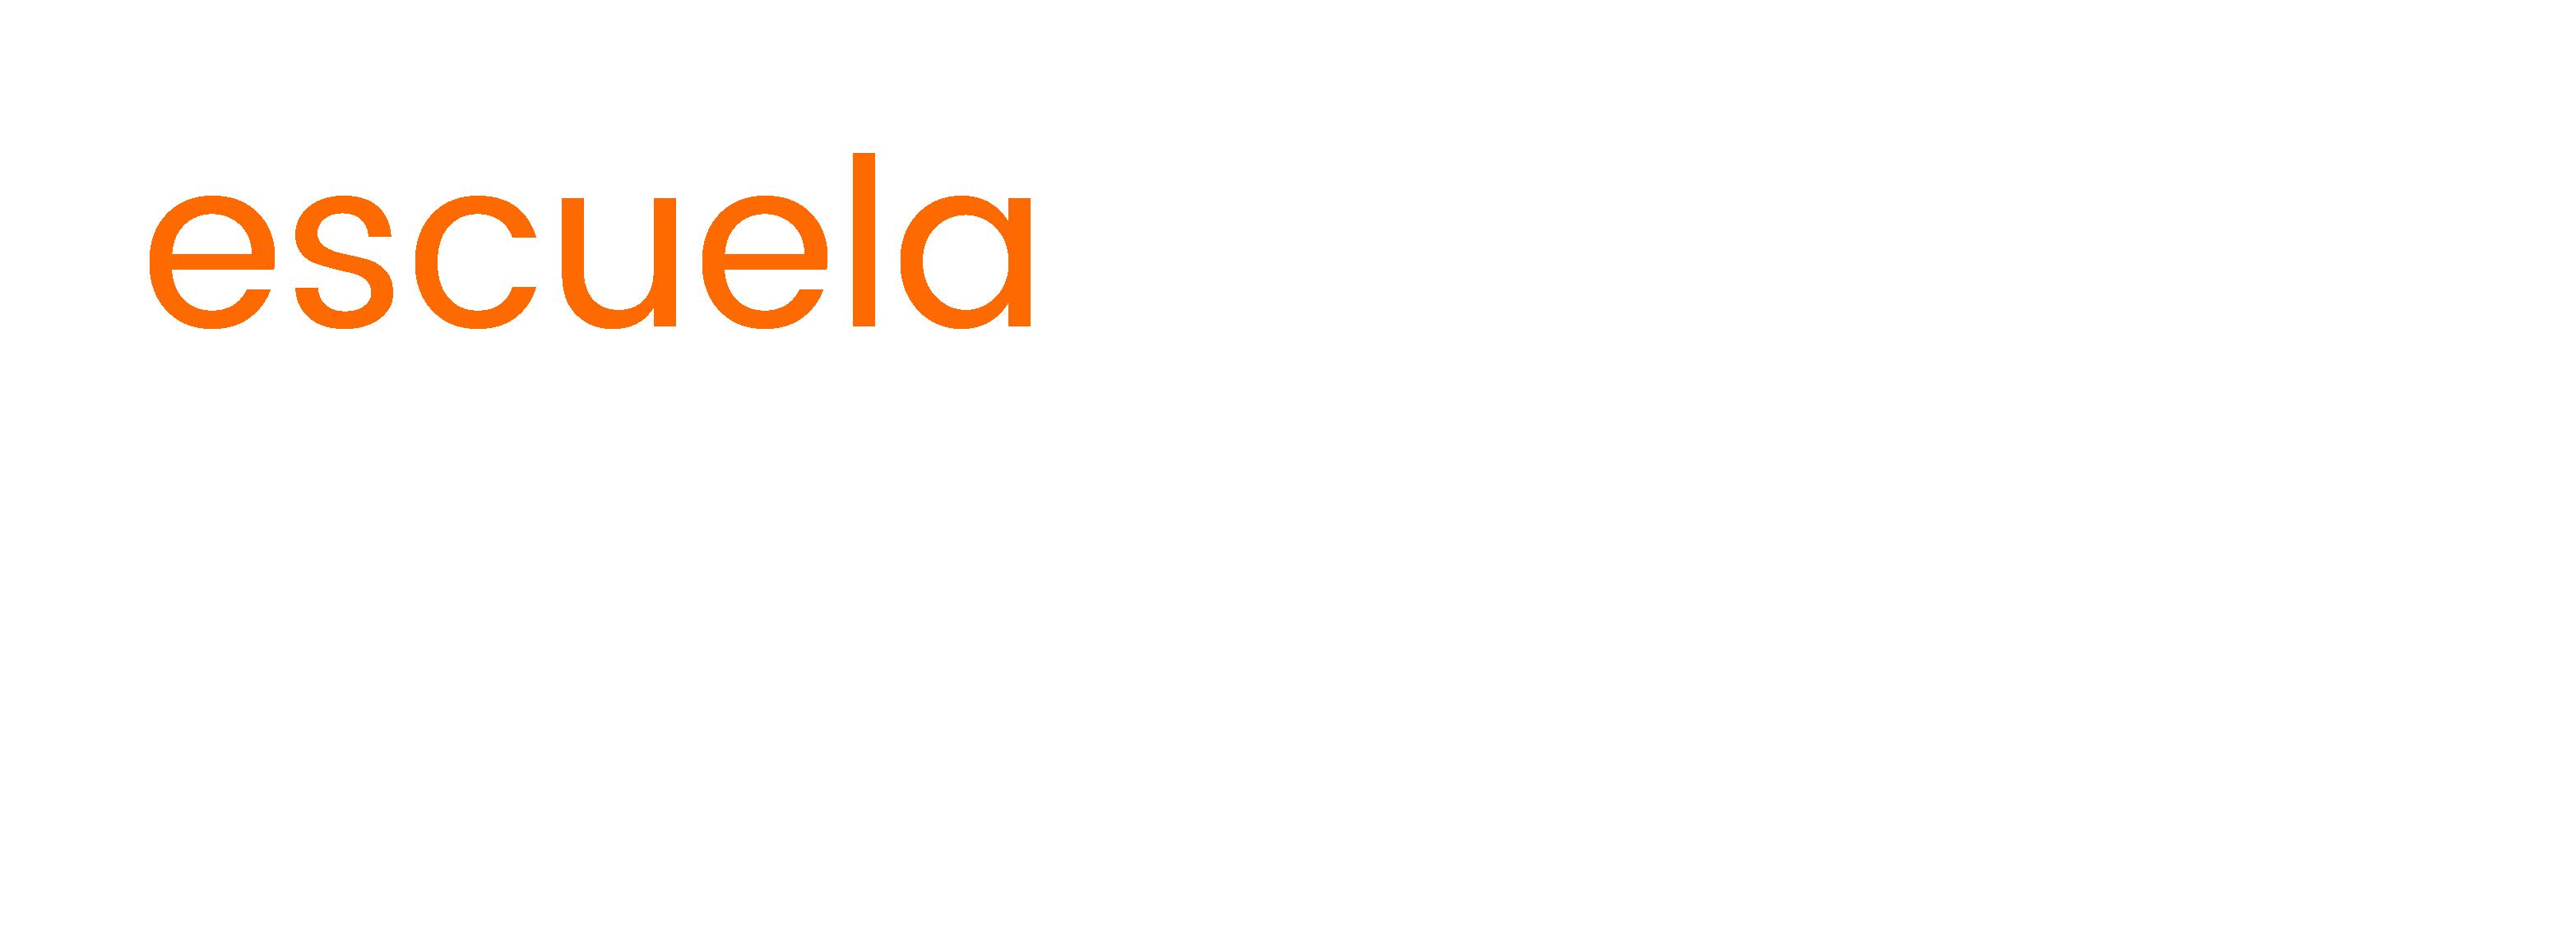 escuela_valydo_logo